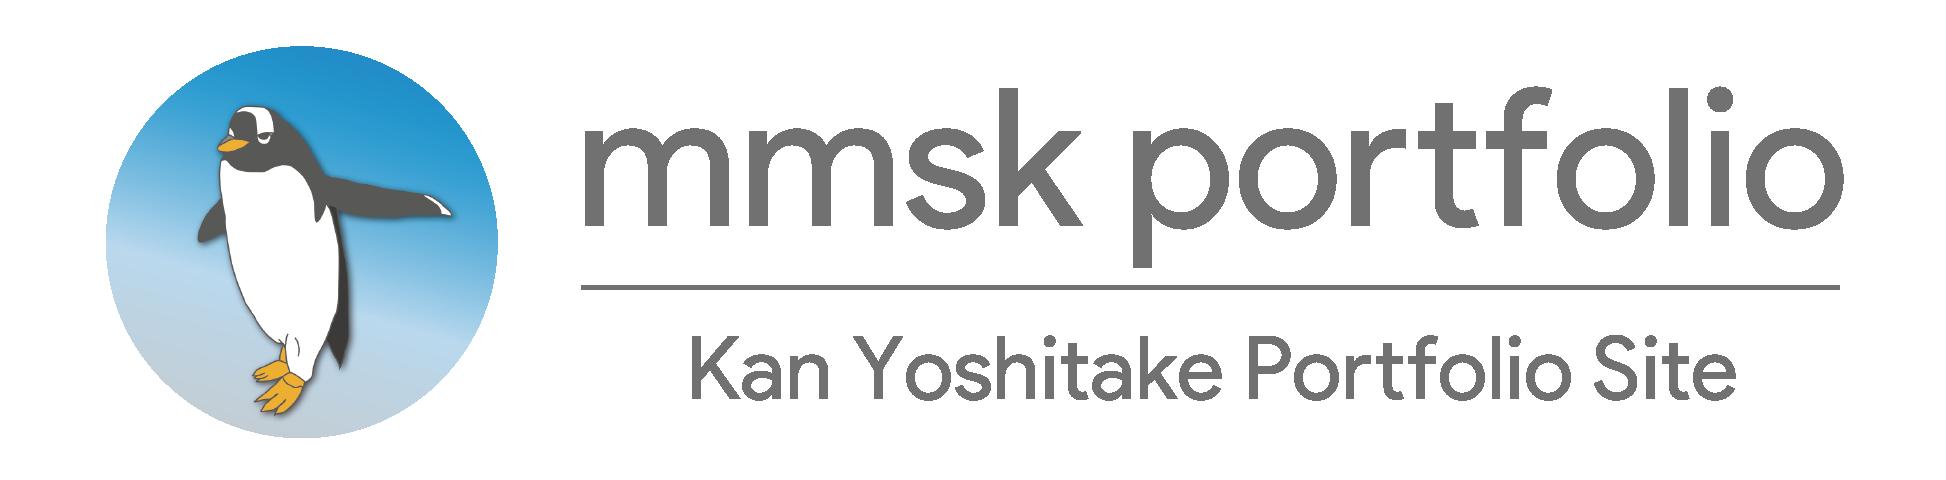 mmsk portfolio